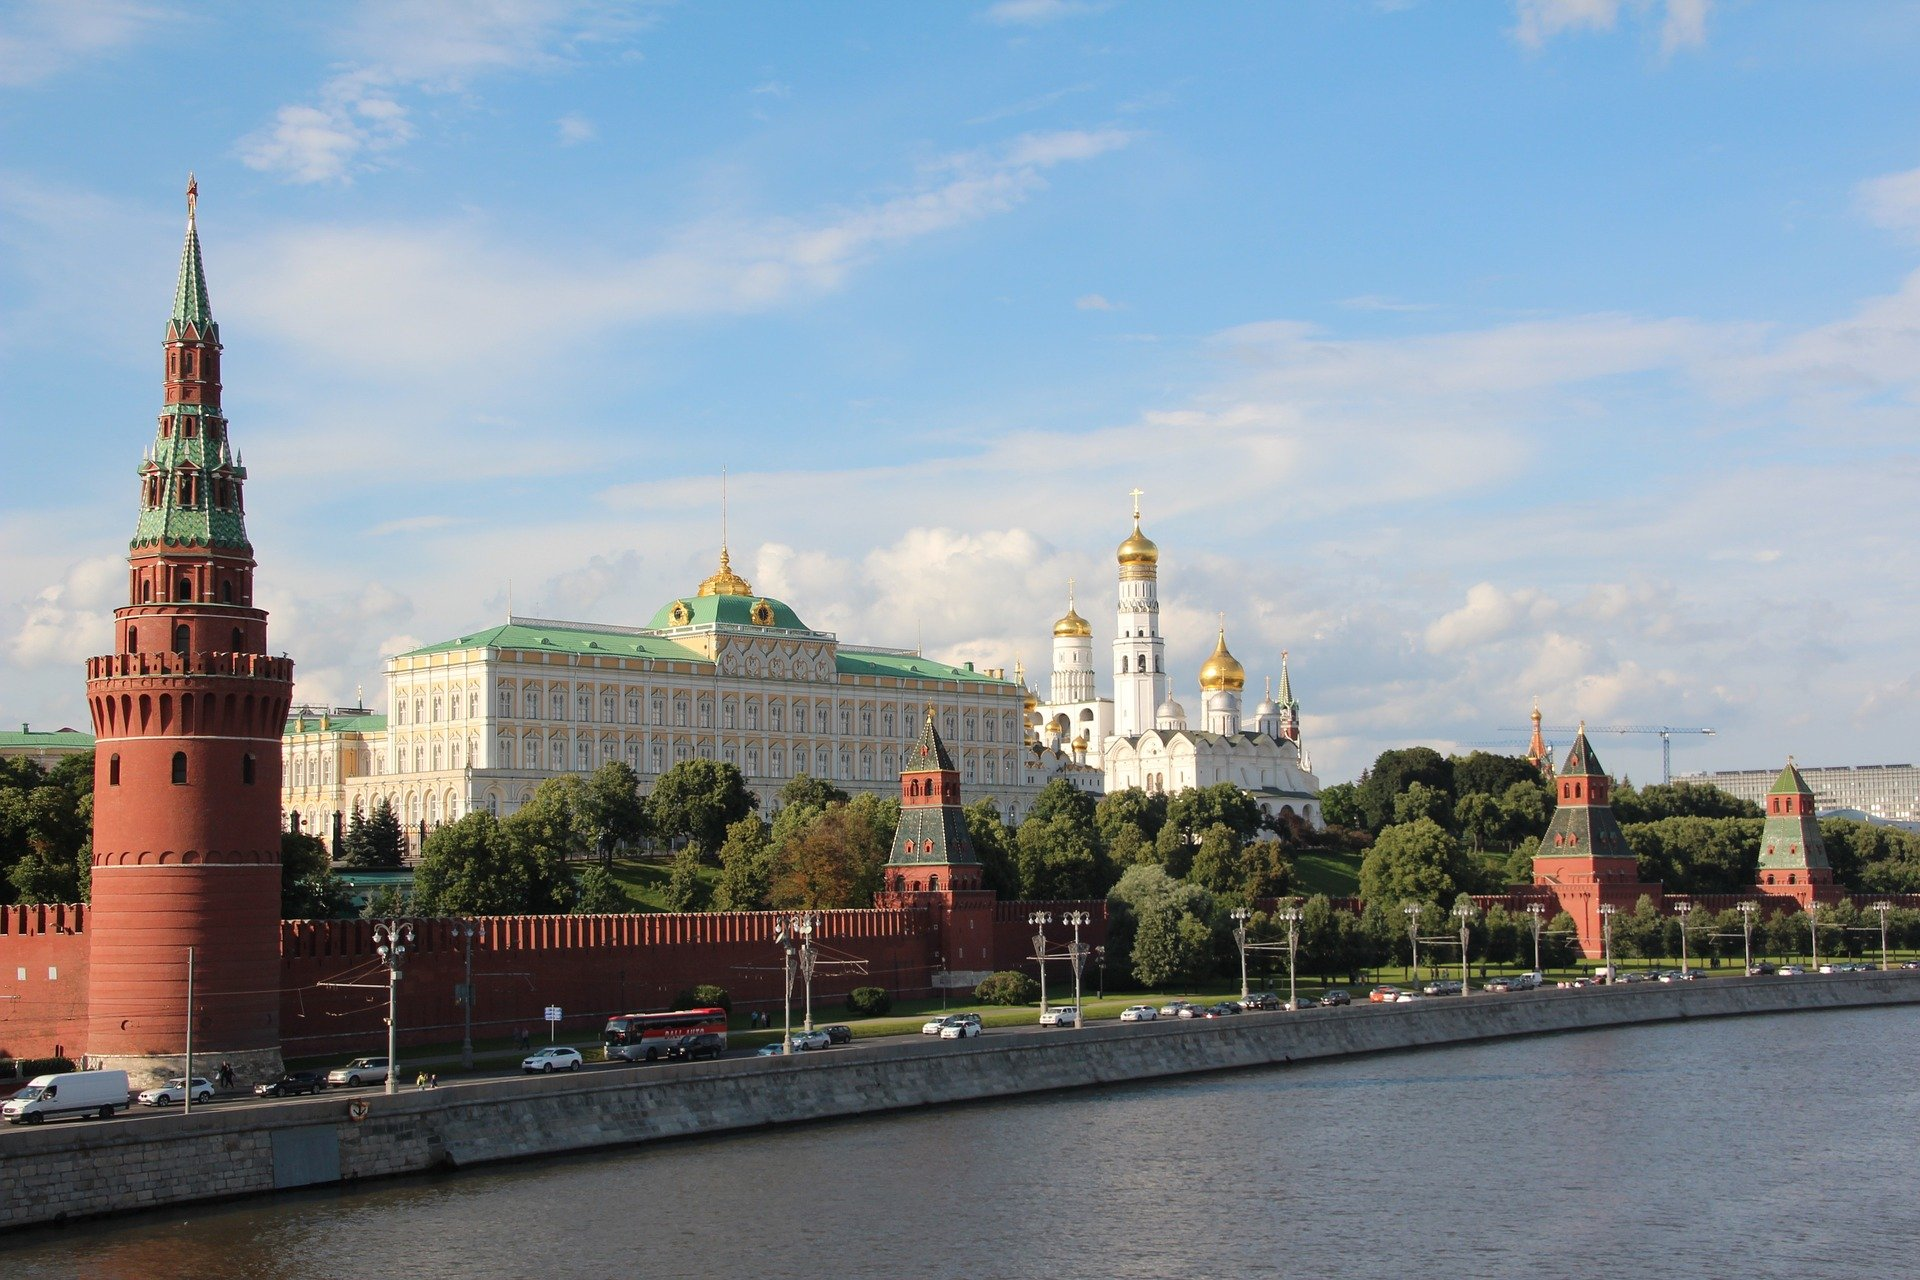 МосБиржа не удержала ключевой уровень после резолюции по делу Навального